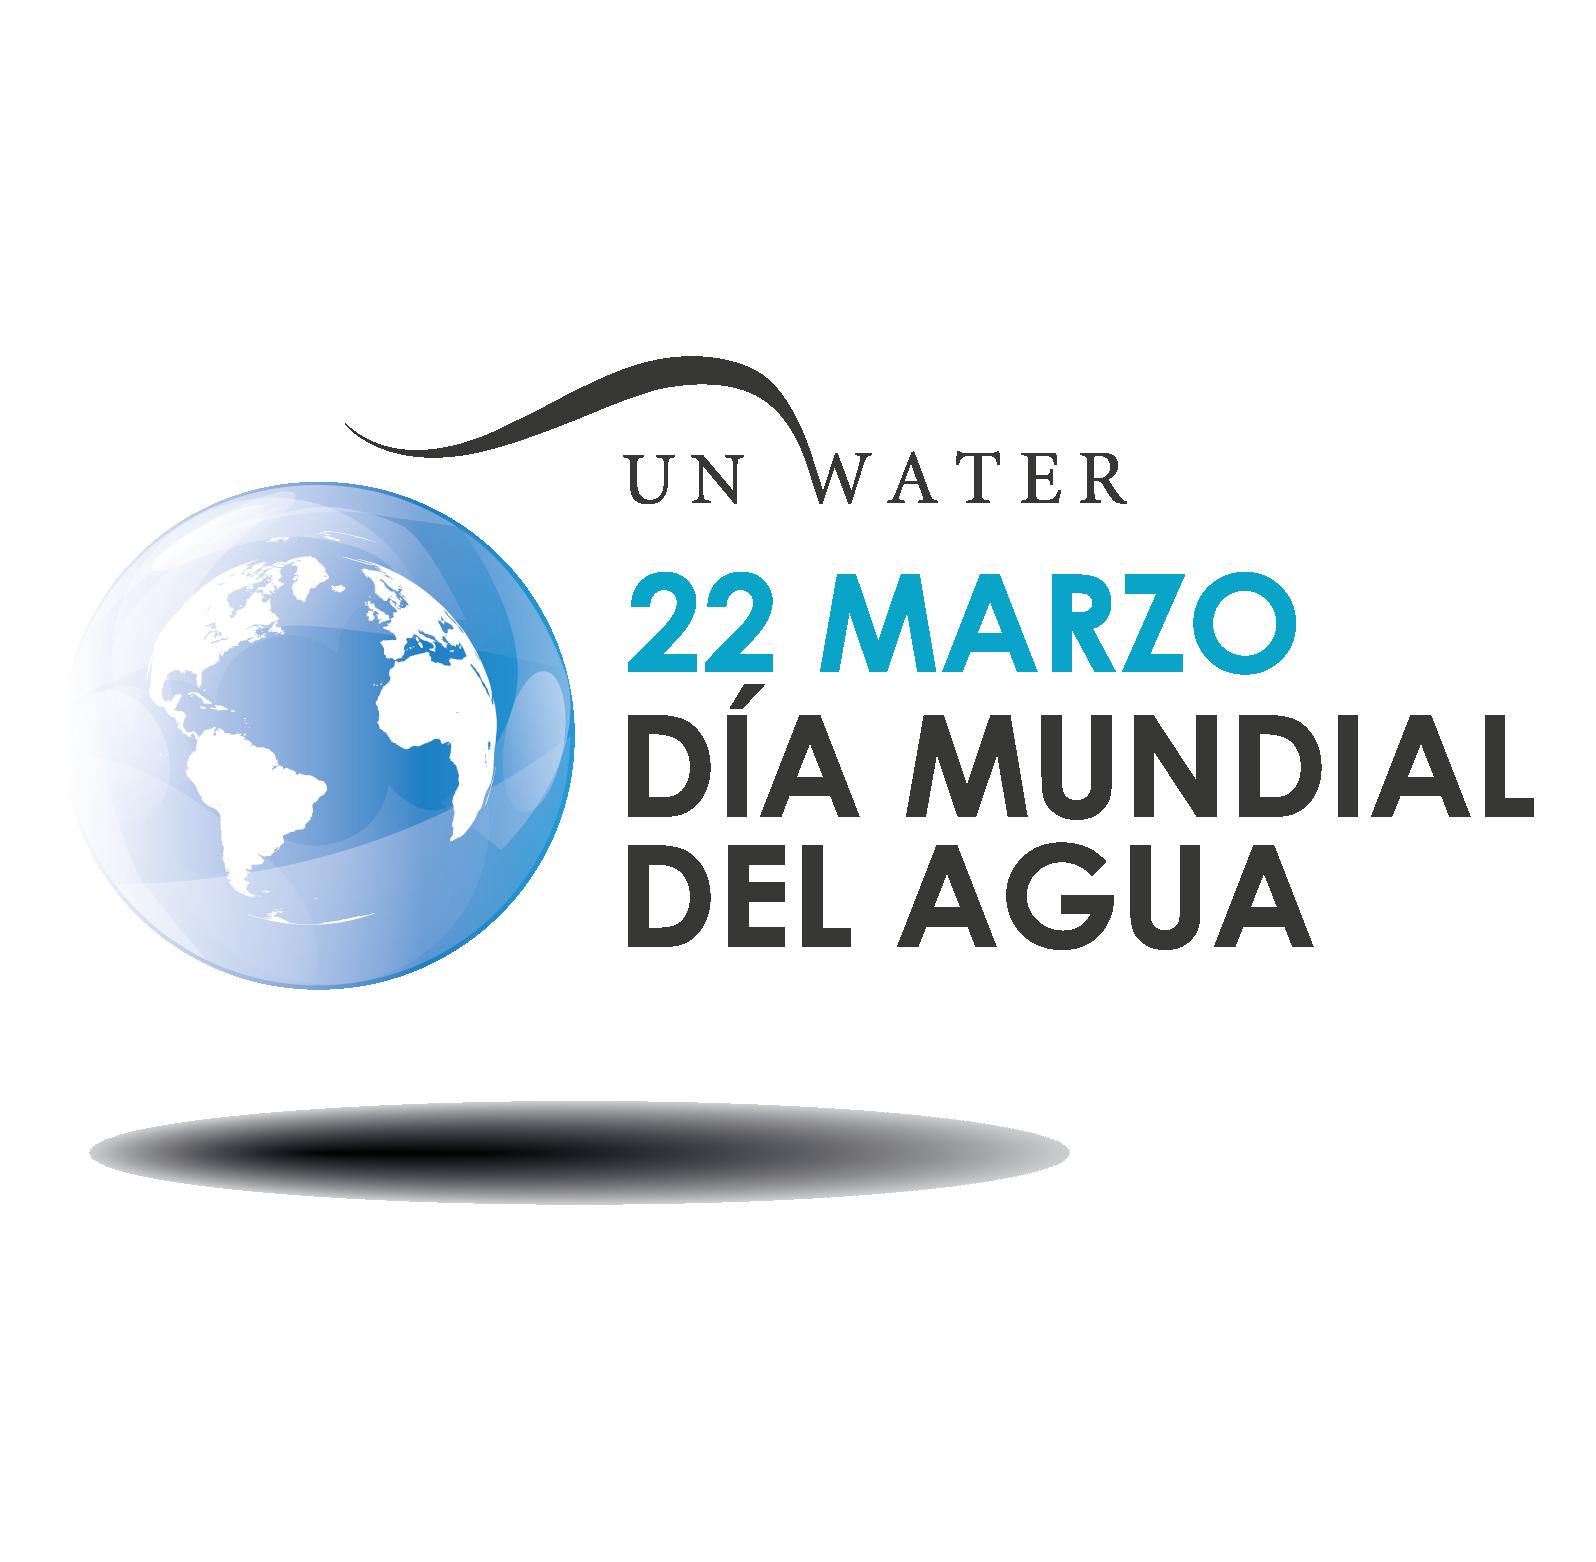 22 De Marzo – Día Mundial Del Agua €�  Asamblea General De Las Naciones Unidas – Resolución A/RES/47/193